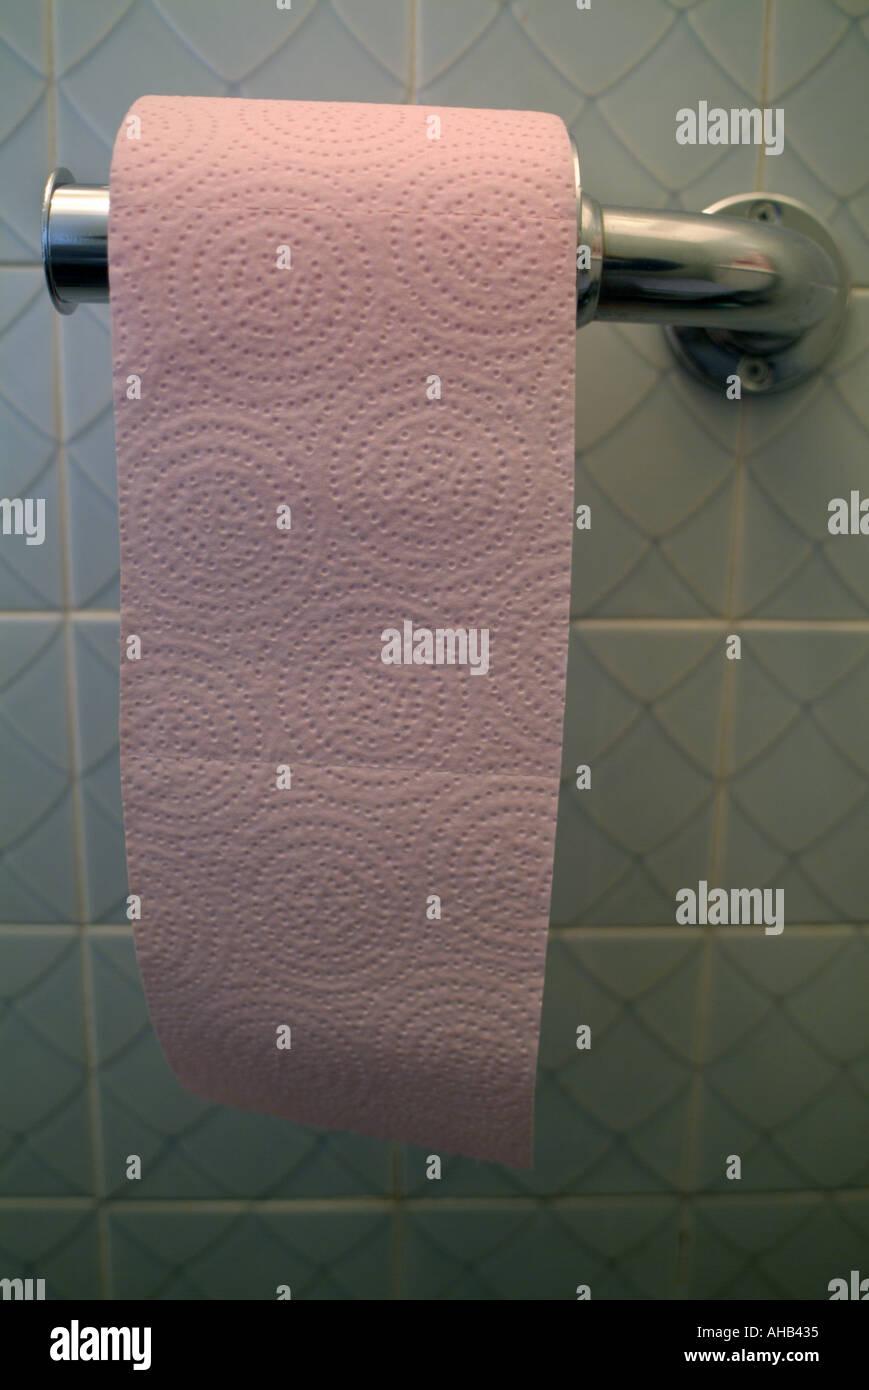 Rosa Toilettenpapier Rollen im Badezimmer. Stockbild